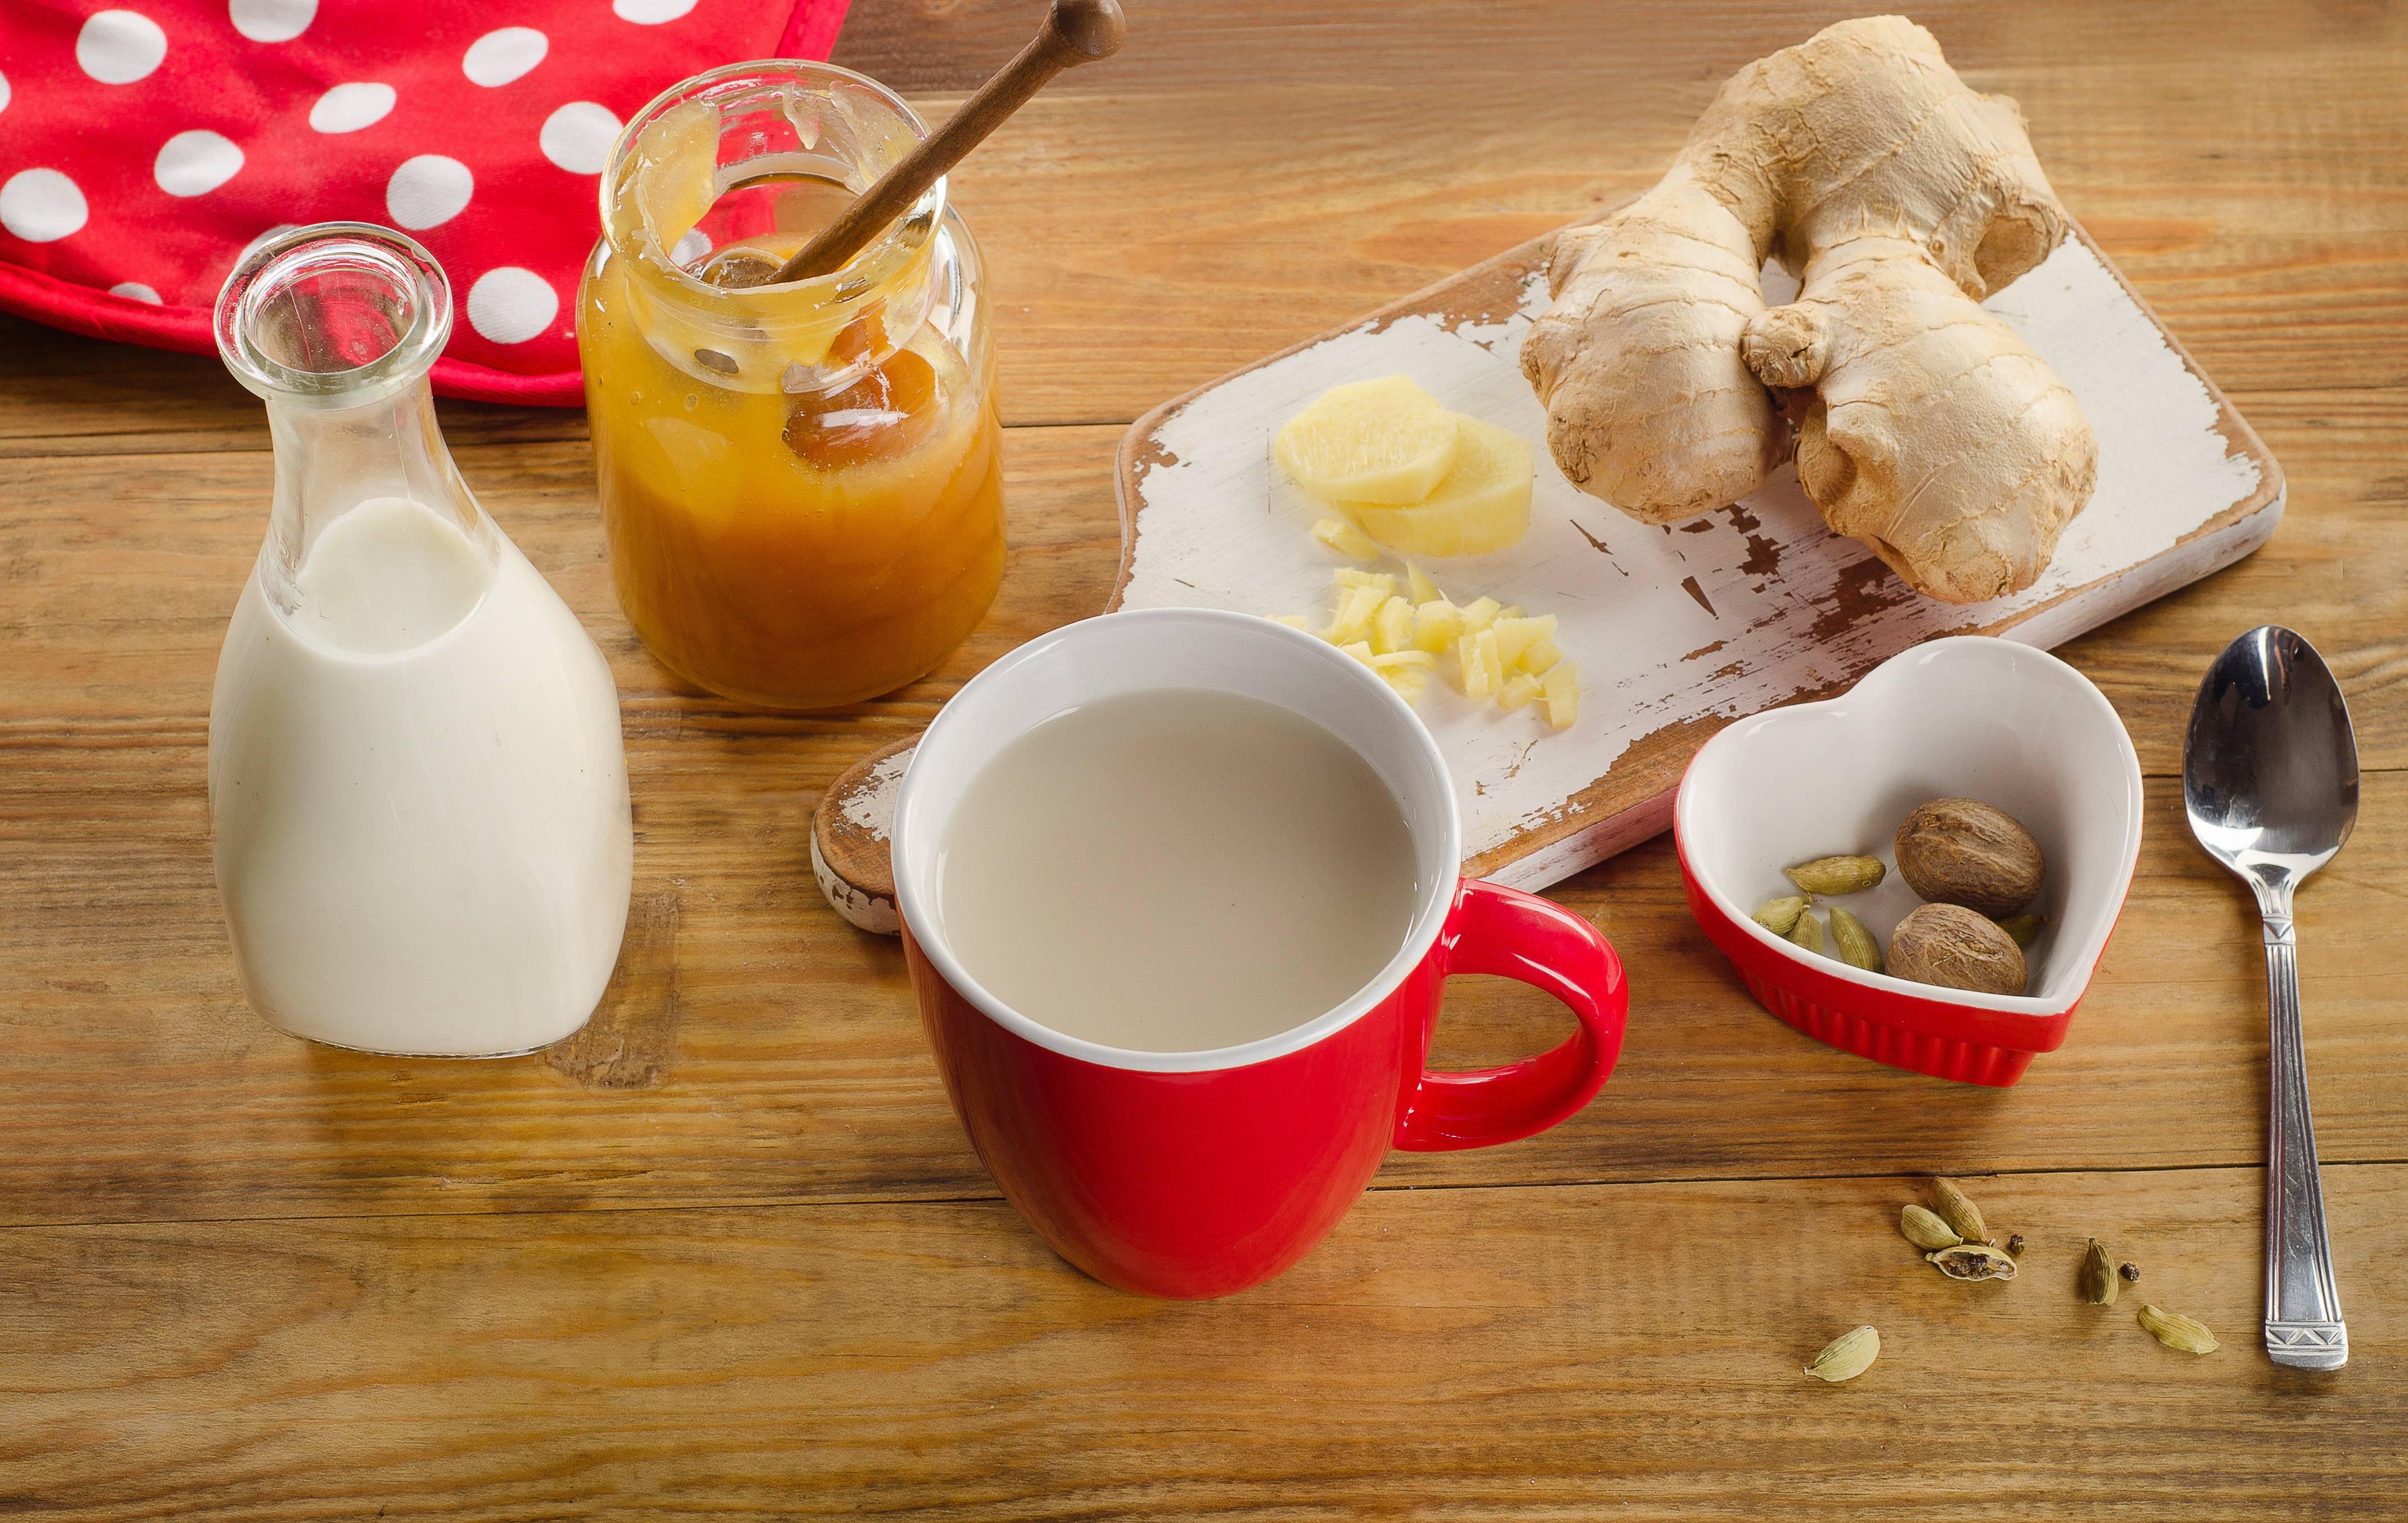 Как кофе с медом помогает похудеть? и еще 3 полезных свойства необычного напитка – ура! повара